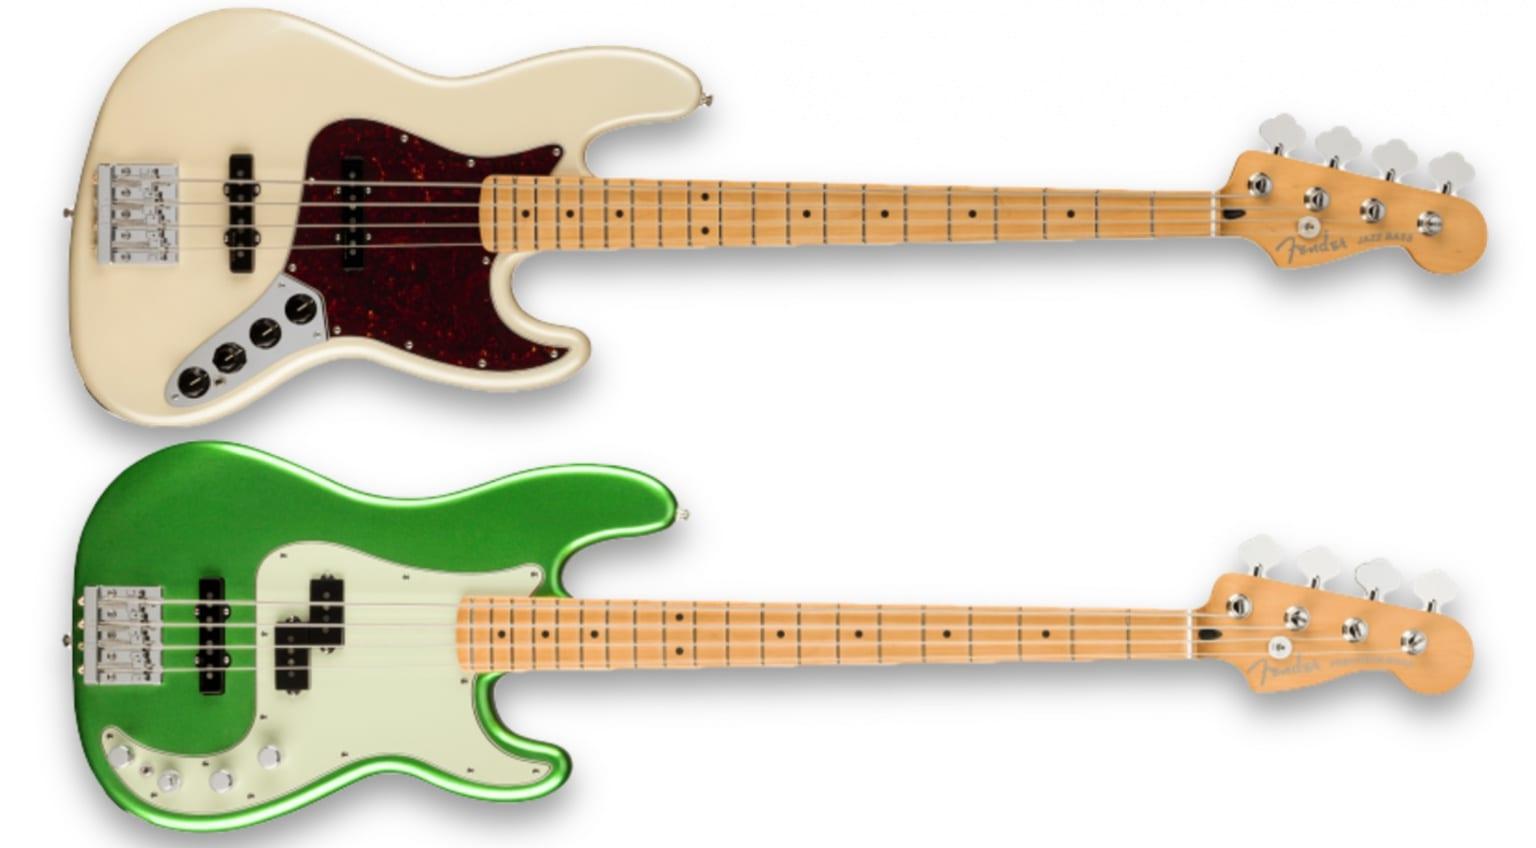 Jazz Bass y Precision Bass de la serie Player Plus